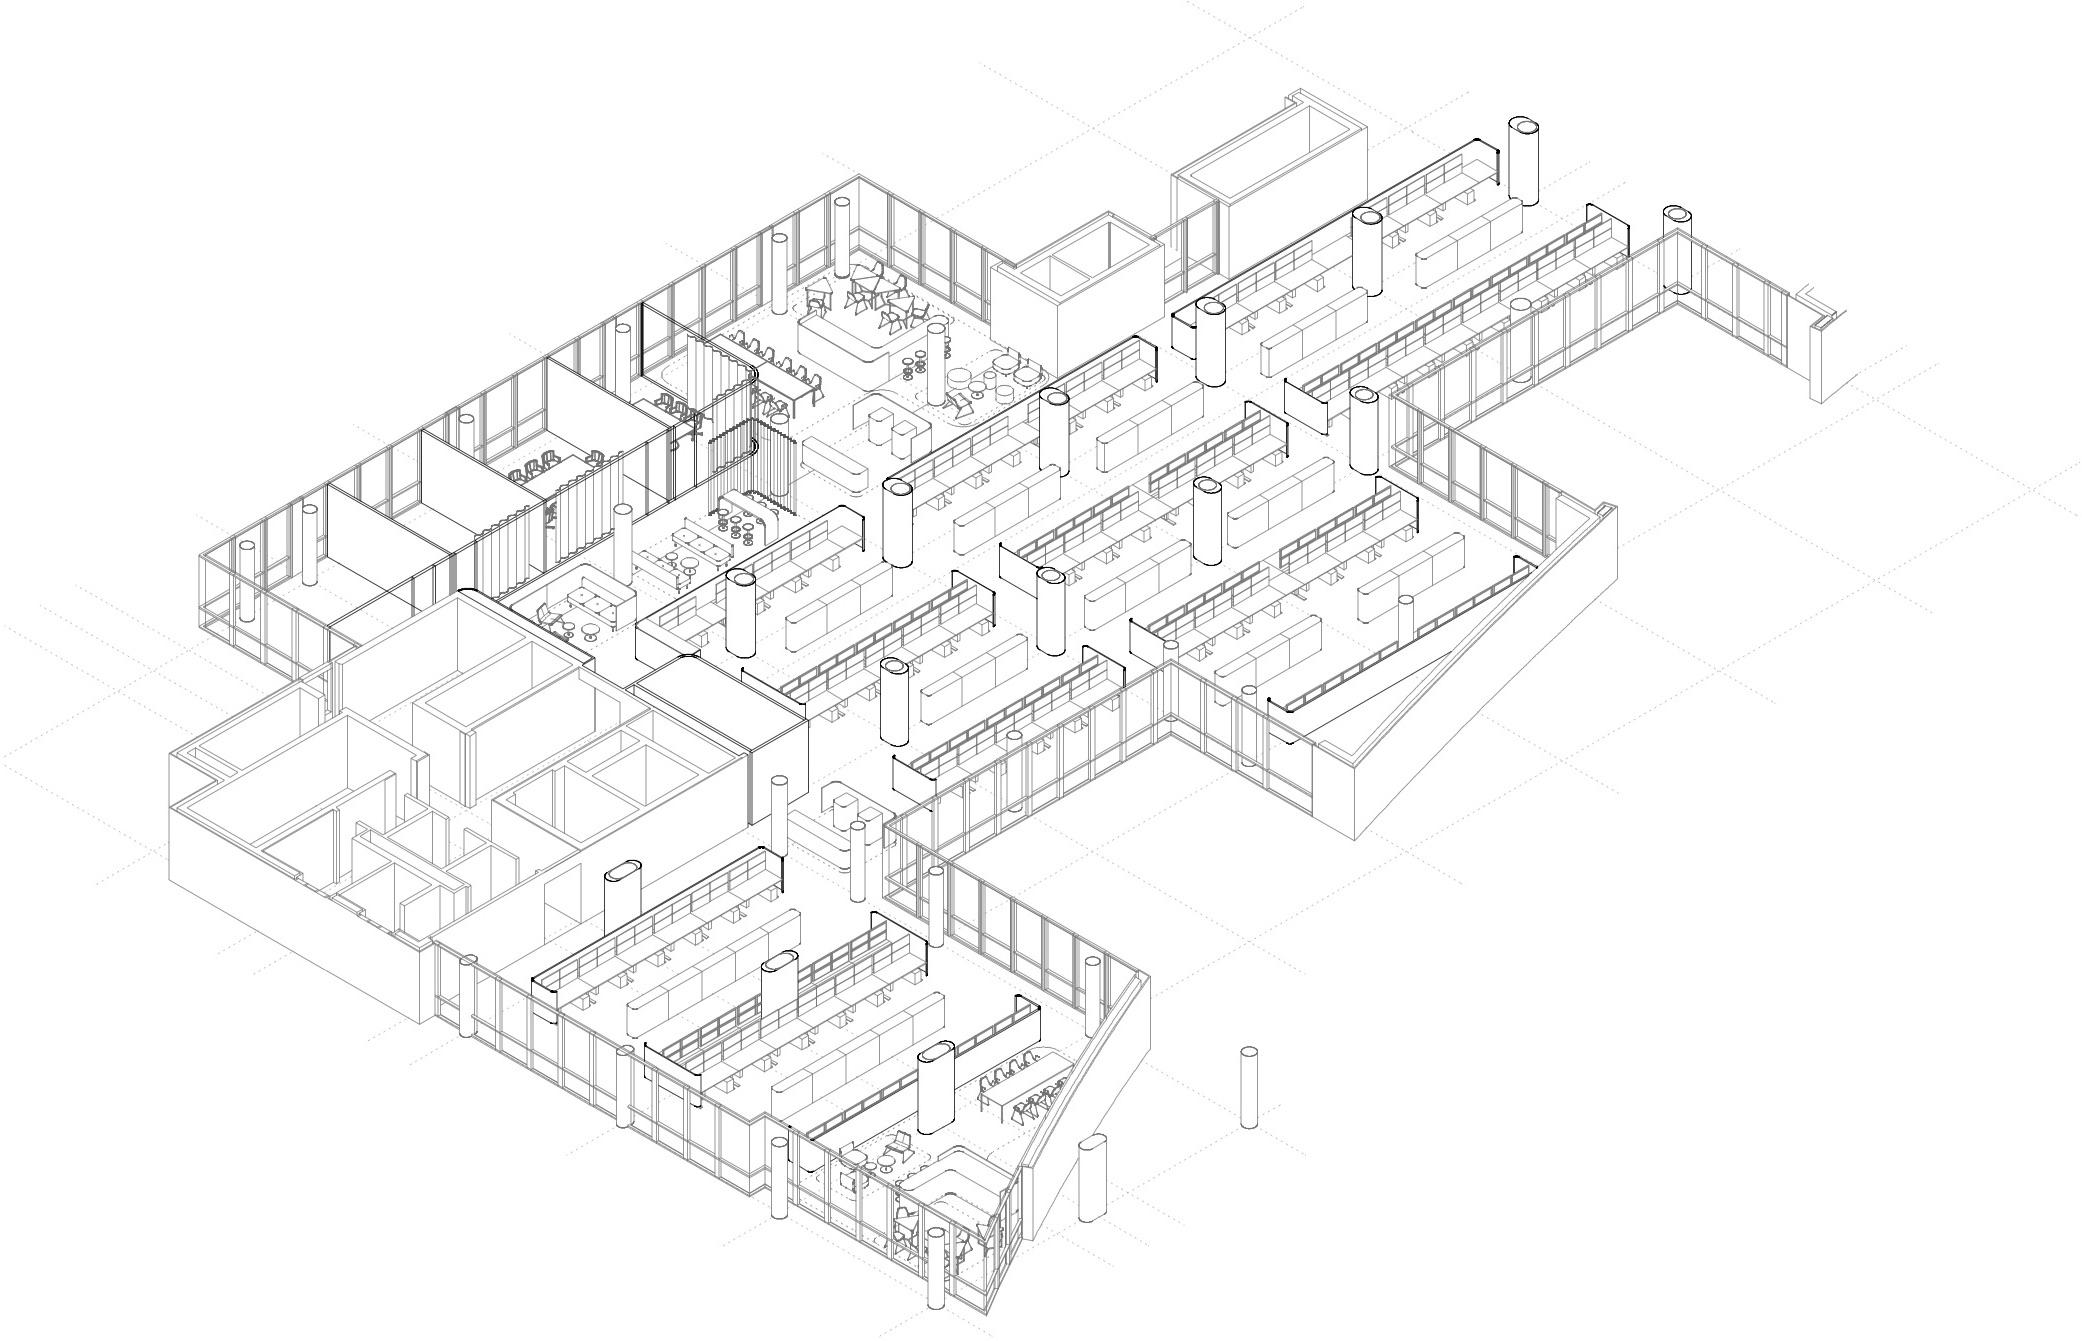 kaestle&ocker - Umbau Handelsarbeitsplatz der Zukunft